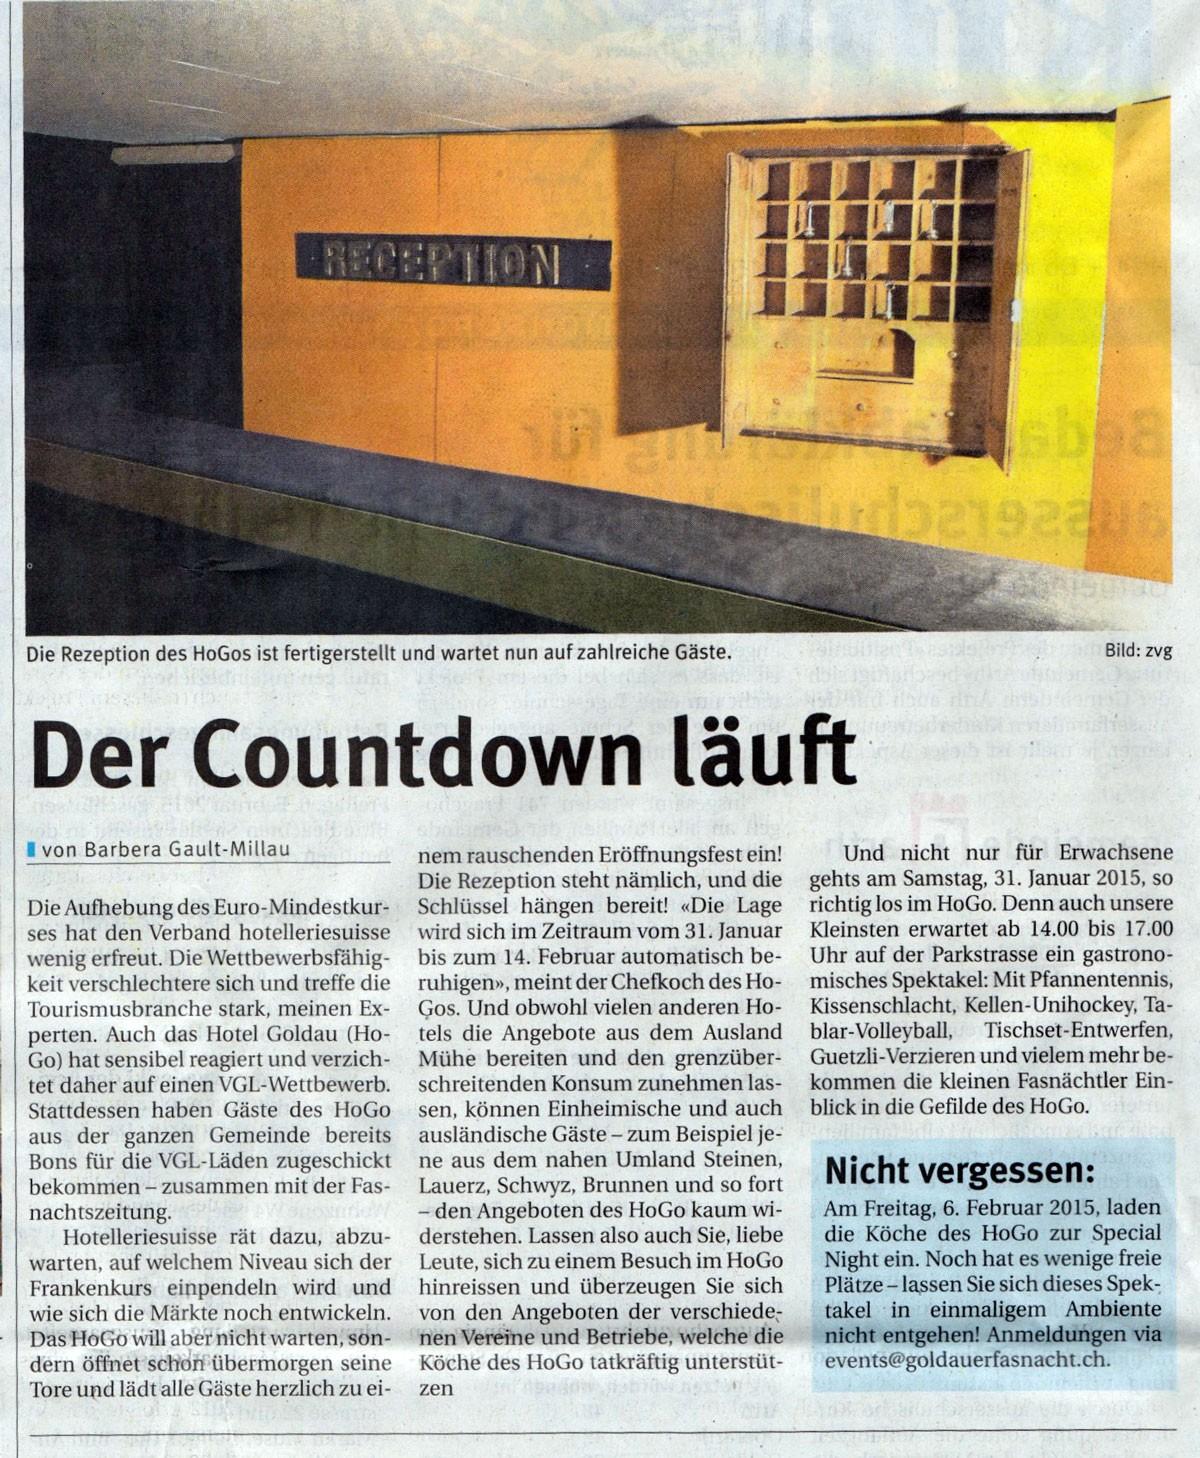 RP-der-countdown-laeuft